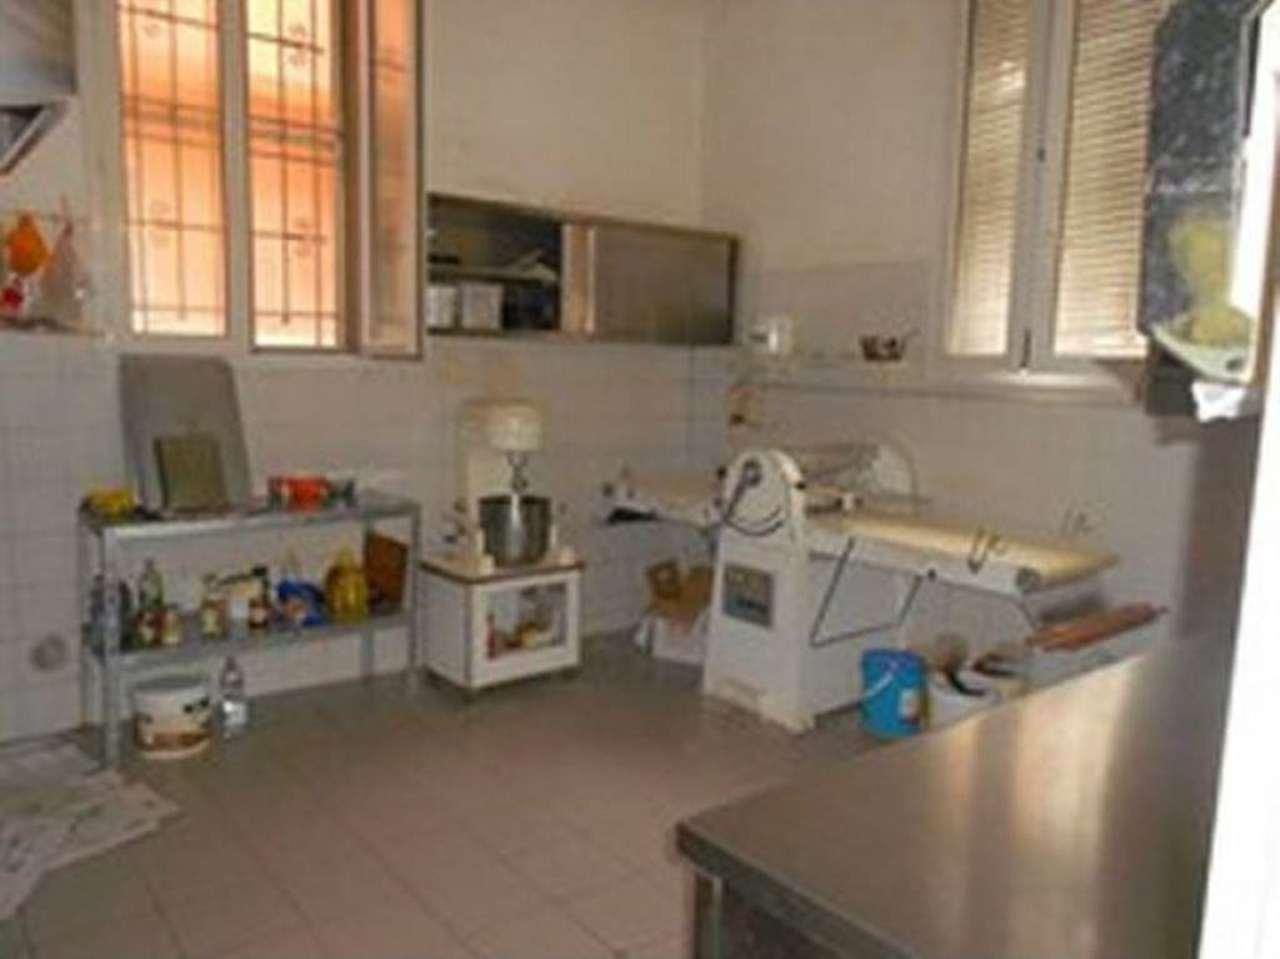 Laboratorio in vendita a Bologna, 6 locali, zona Zona: 3 . Fiera, San Donato, prezzo € 295.000 | CambioCasa.it